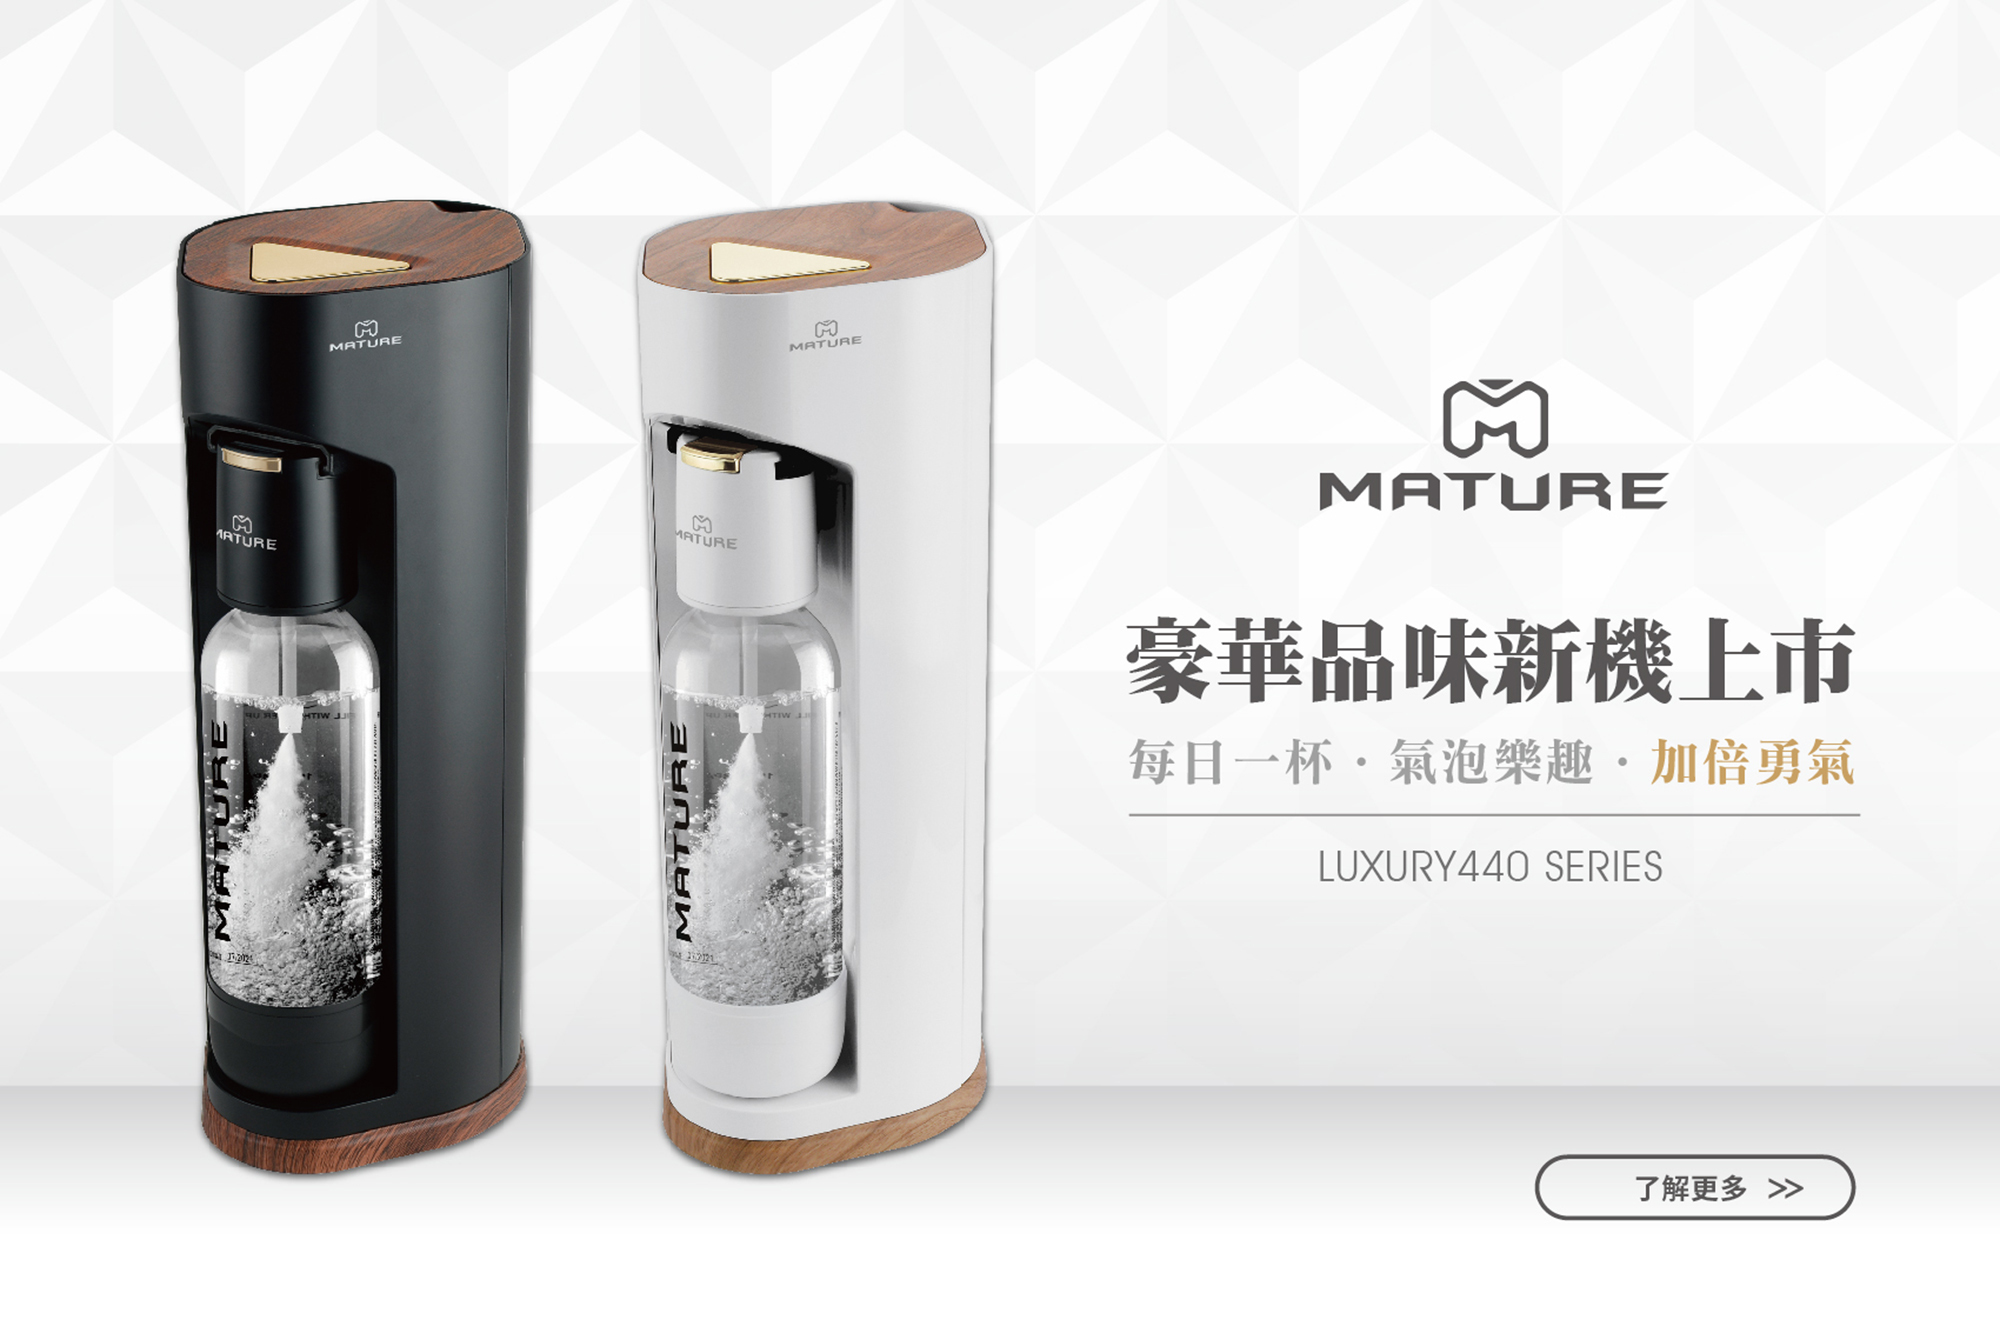 氣泡水, 喝水, 氣泡水機, CRAZY系列, Luxury440, Classic410, MATURE美萃, 汽水,氣泡飲